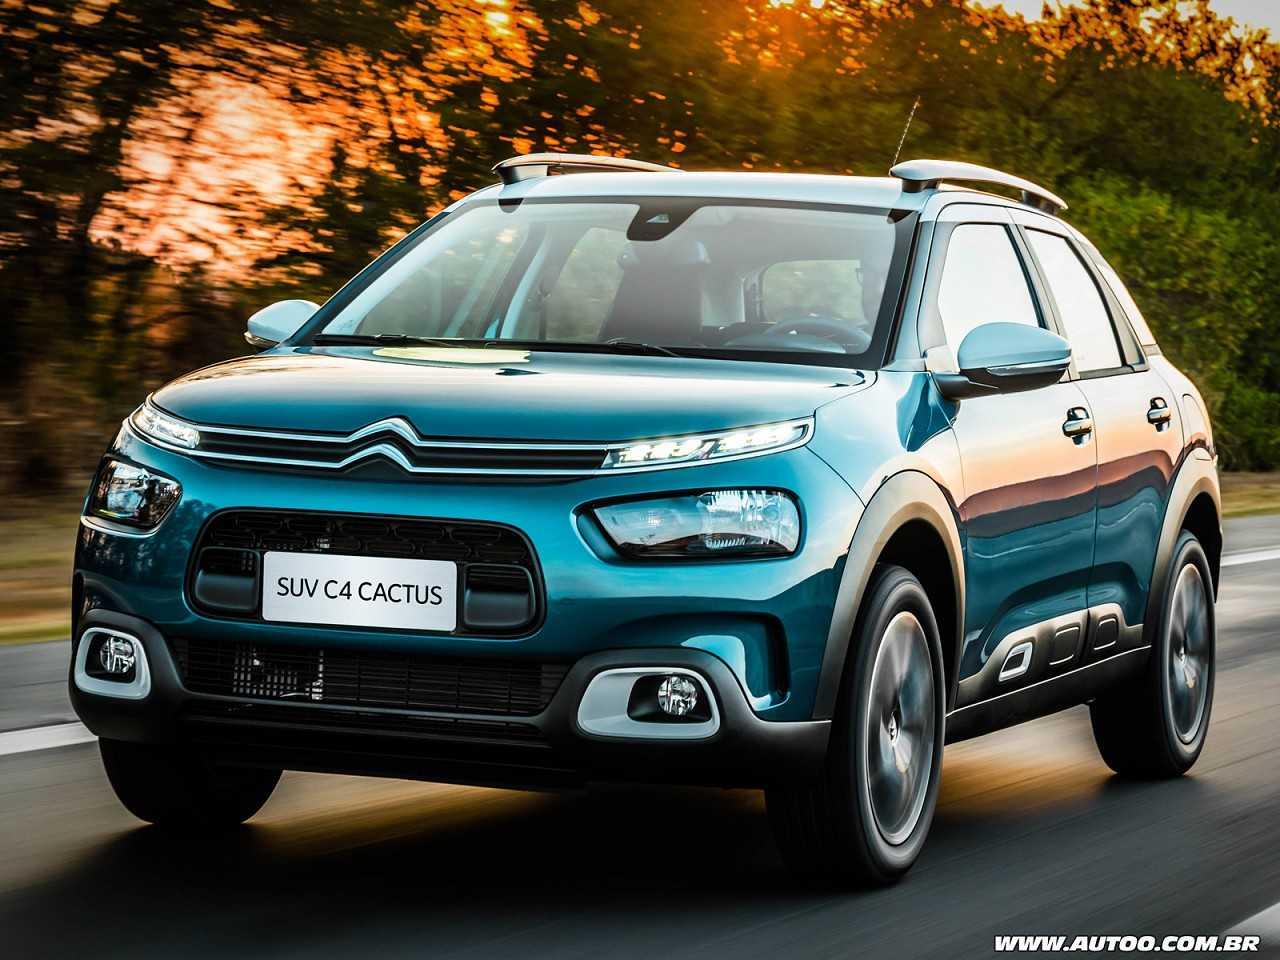 Citroën C4 Cactus 2019